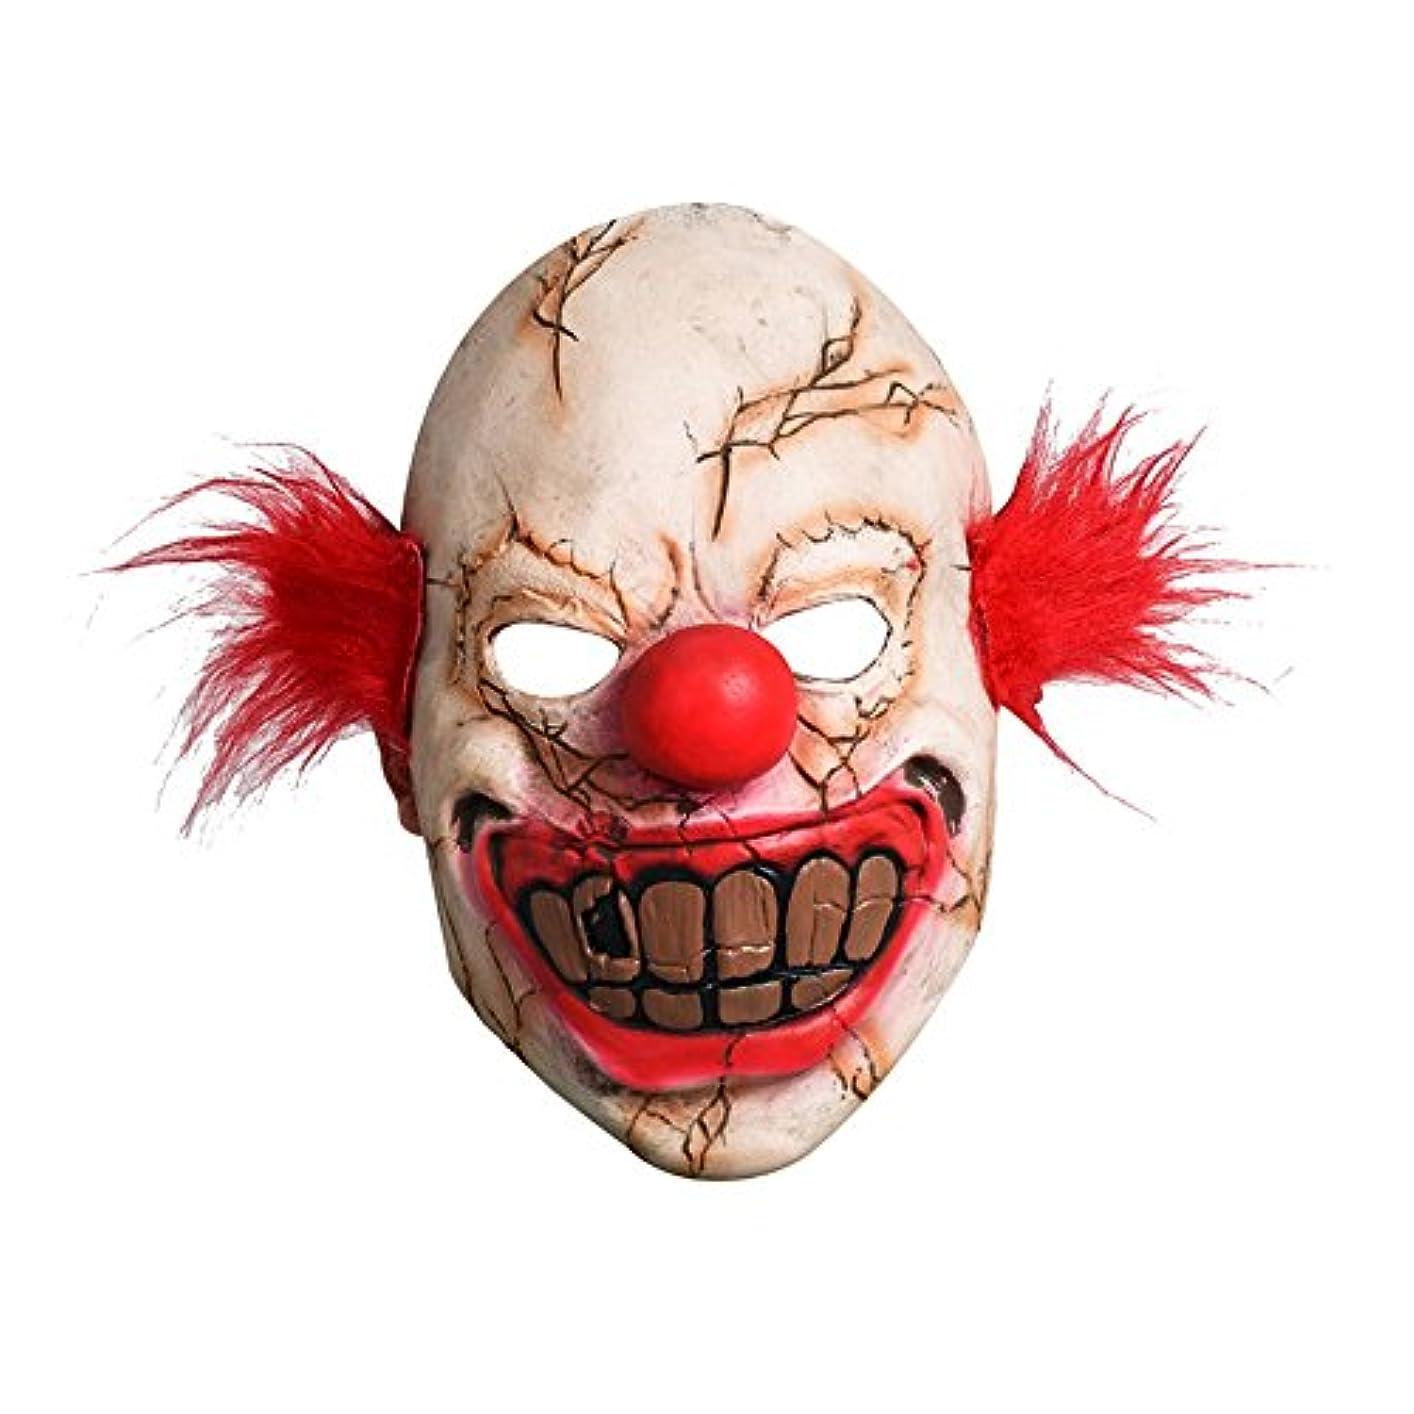 不健全カーテン比率ハロウィーン用品バー怖い恐ろしい腐った道化師カーニバル全体の人々面白い悪魔腐った顔ピエロマスク